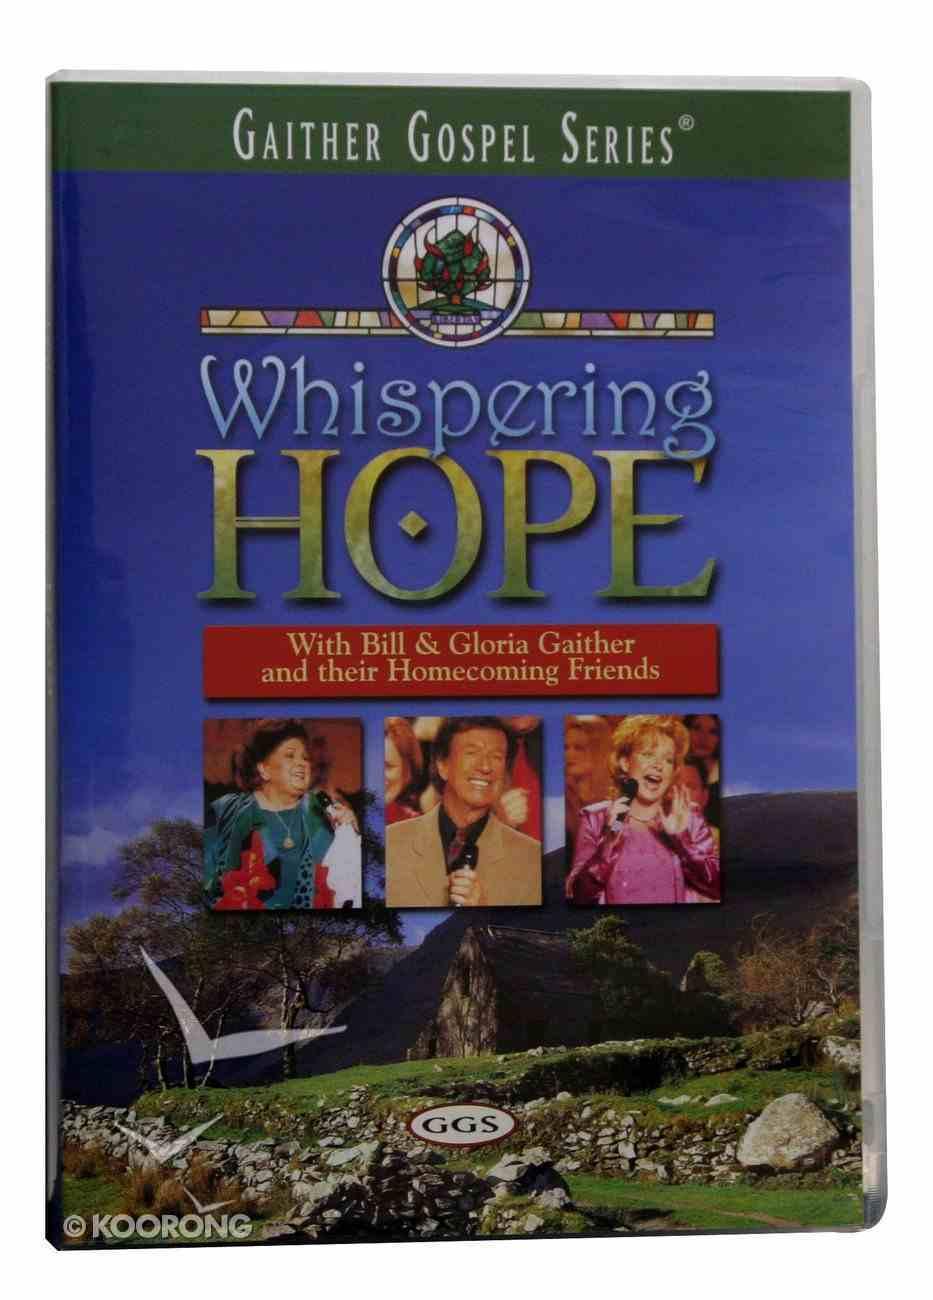 Whispering Hope (Gaither Gospel Series) DVD